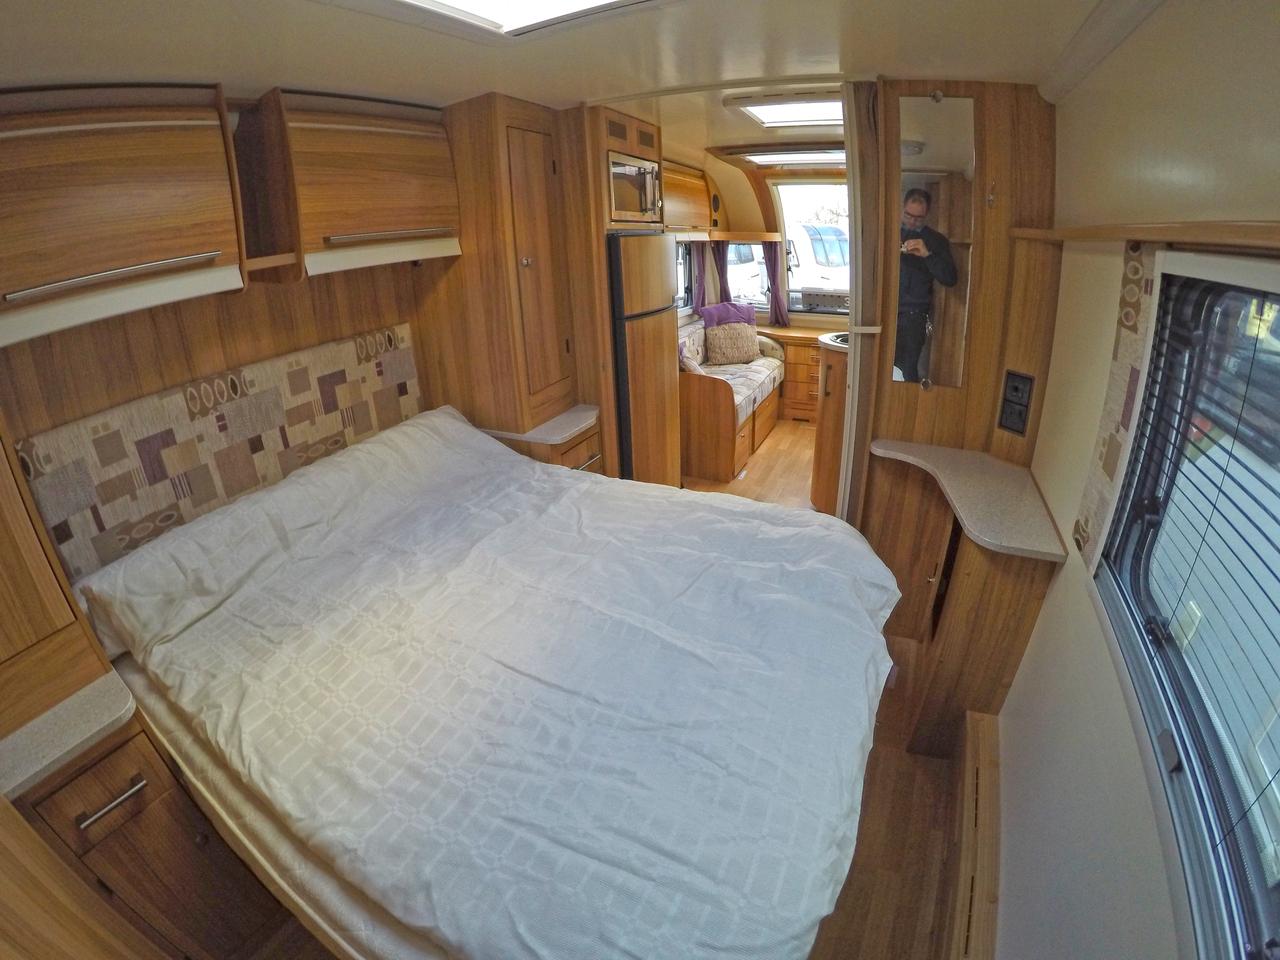 Bailey Unicorn S2 Vigo 2014 Caravan